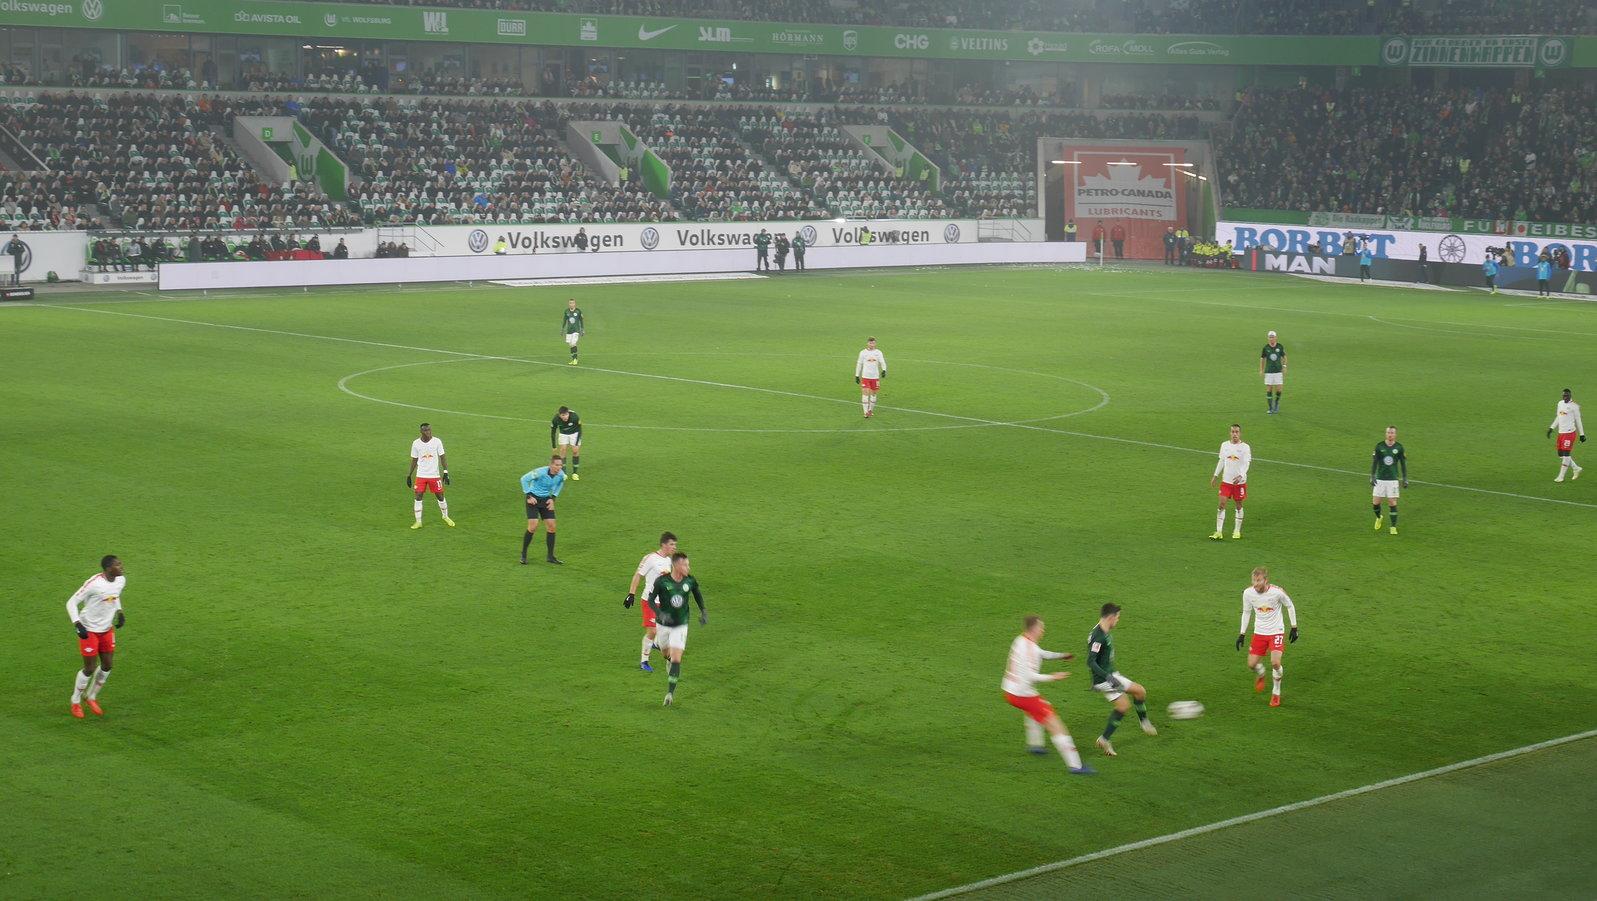 Fussball Em Deutschland Nächstes Spiel